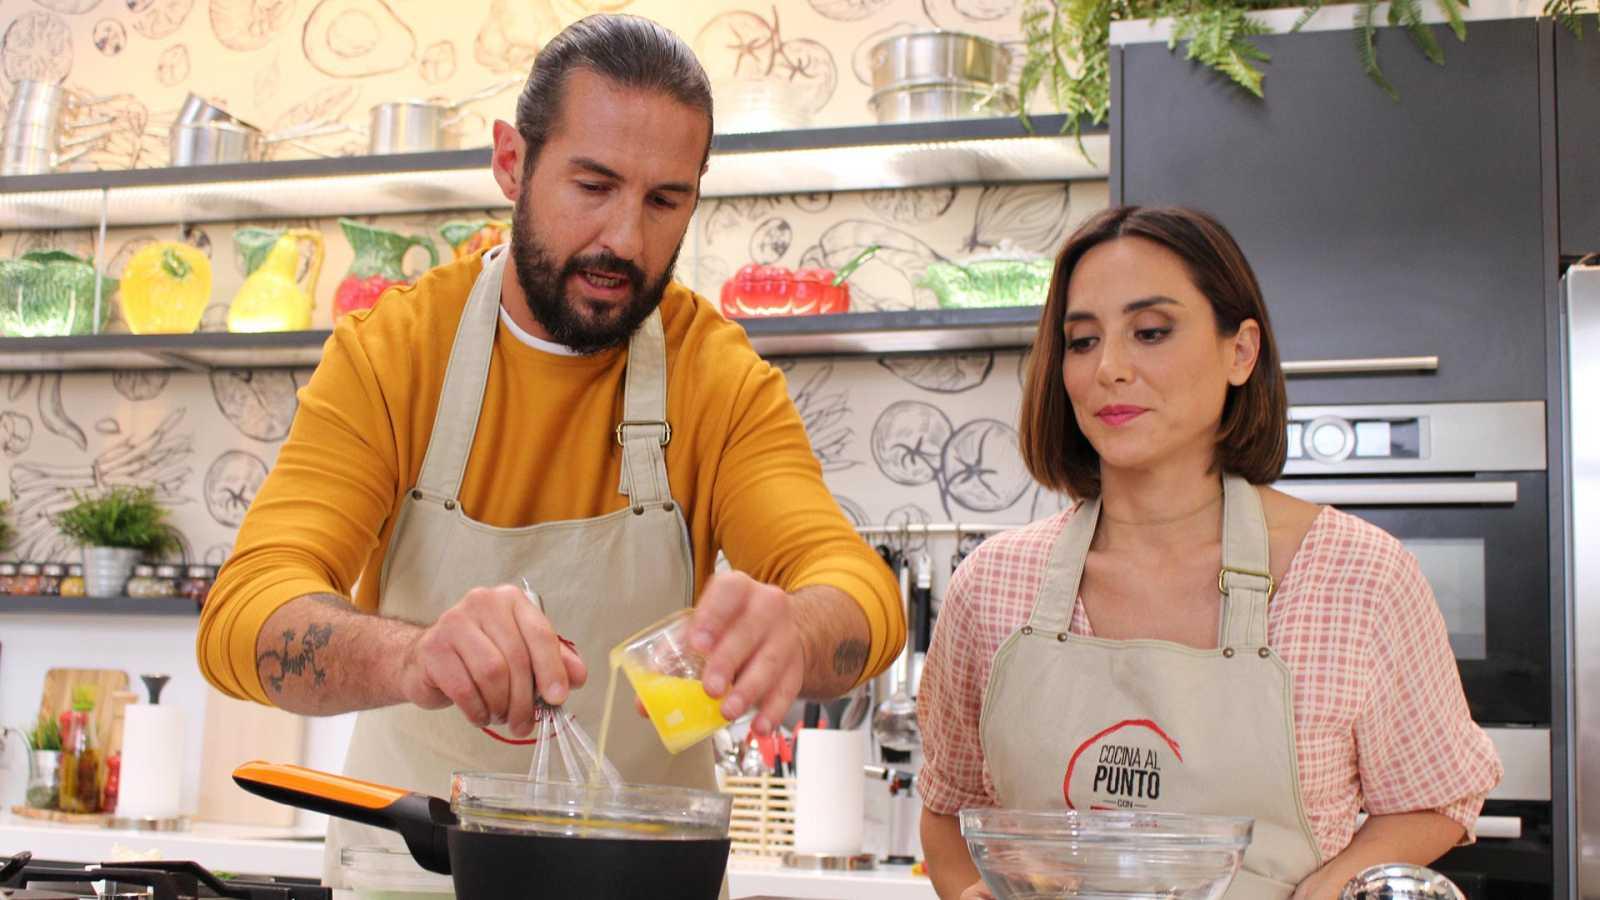 Cocina al punto con Peña y Tamara - El tomate del huerto - ver ahora